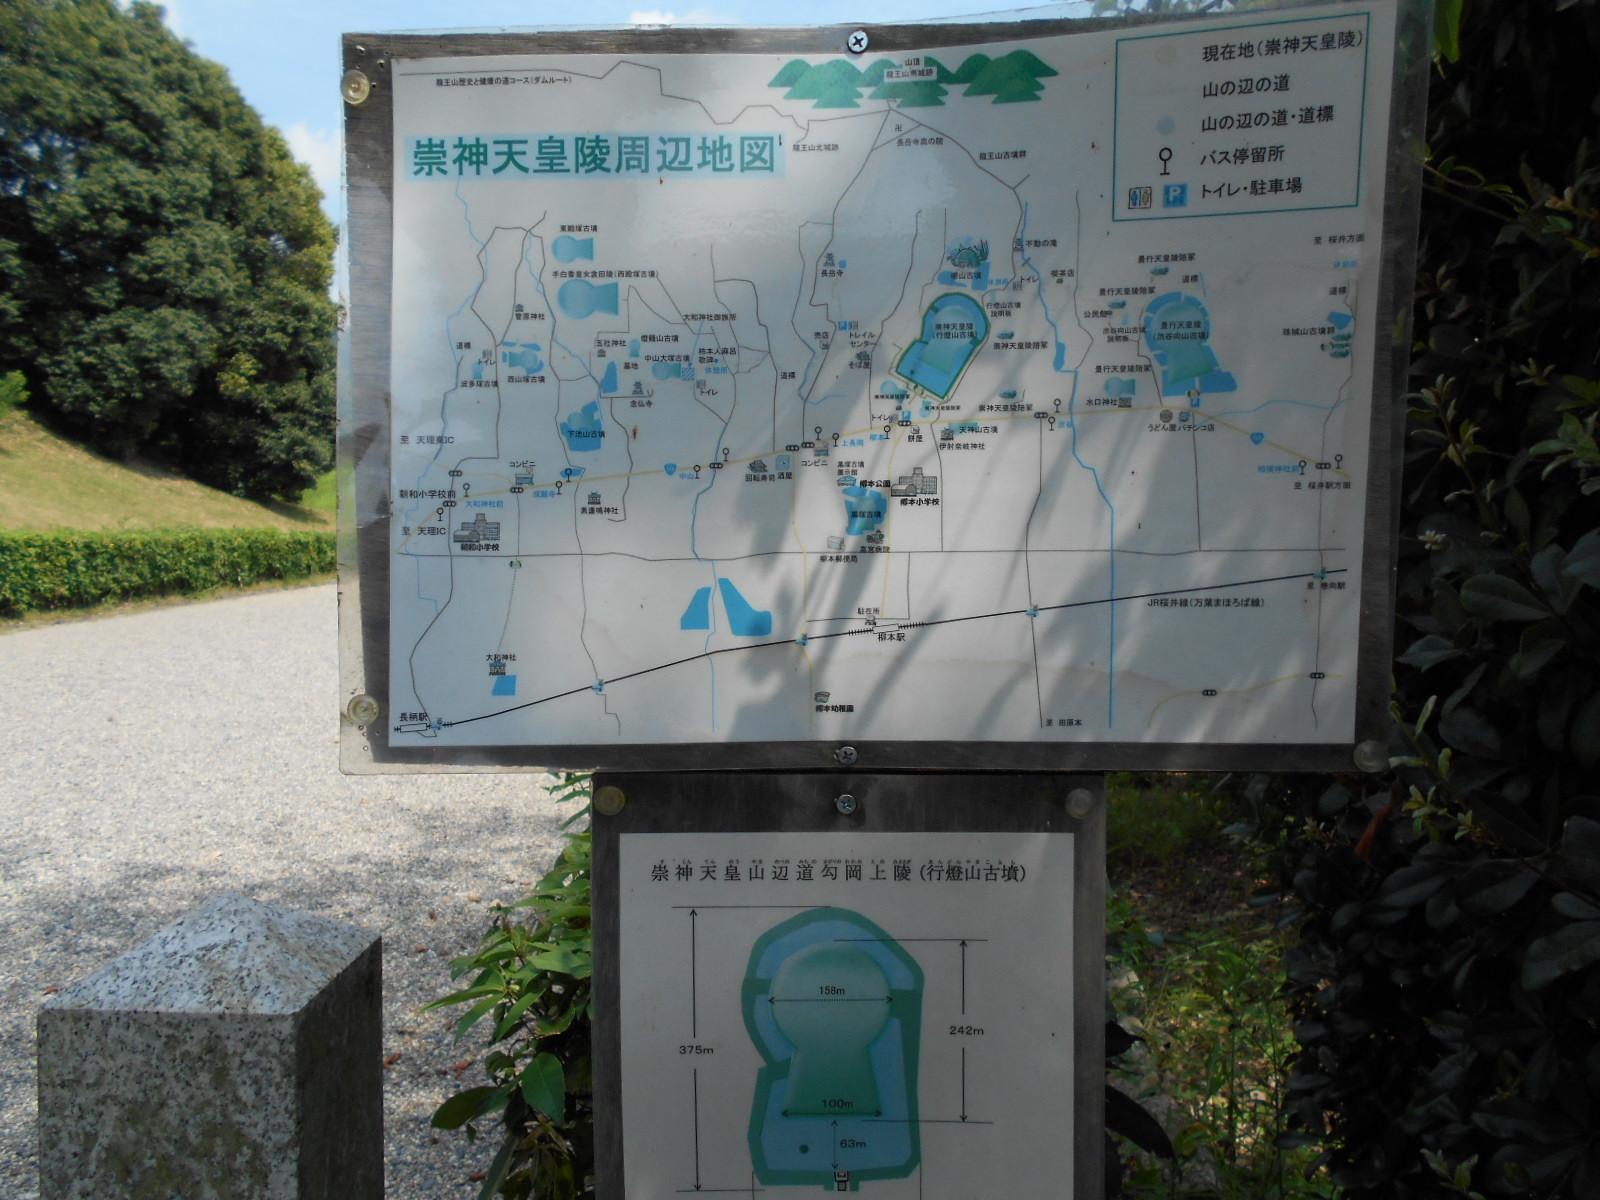 お盆休みに奈良に行ったお話し_b0189682_11172172.jpg